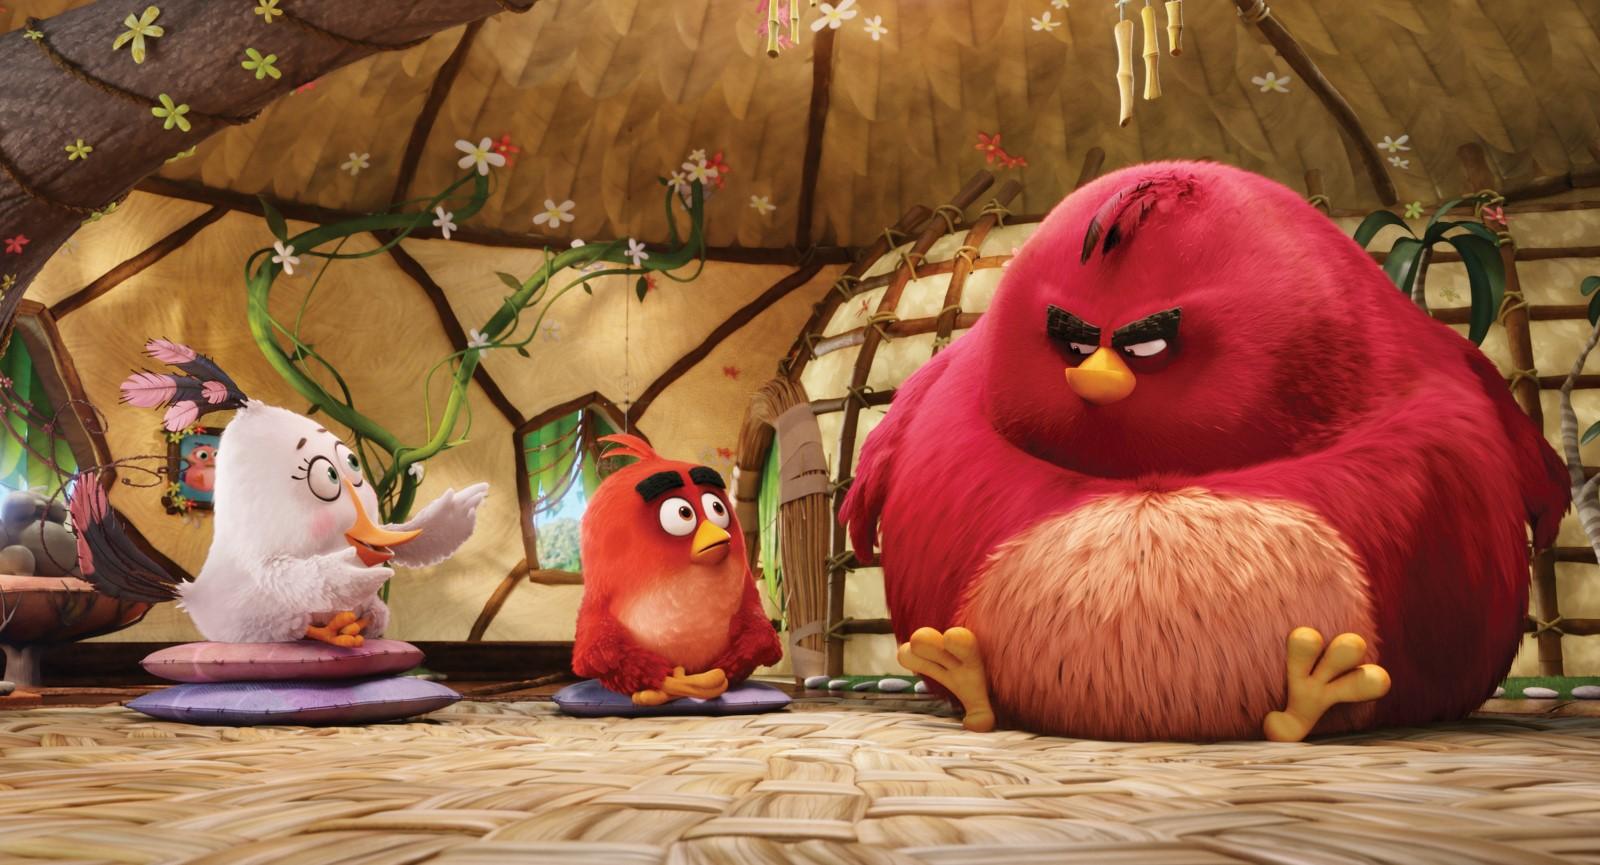 Red en una sesión para el control de la rabia (Angry Birds)